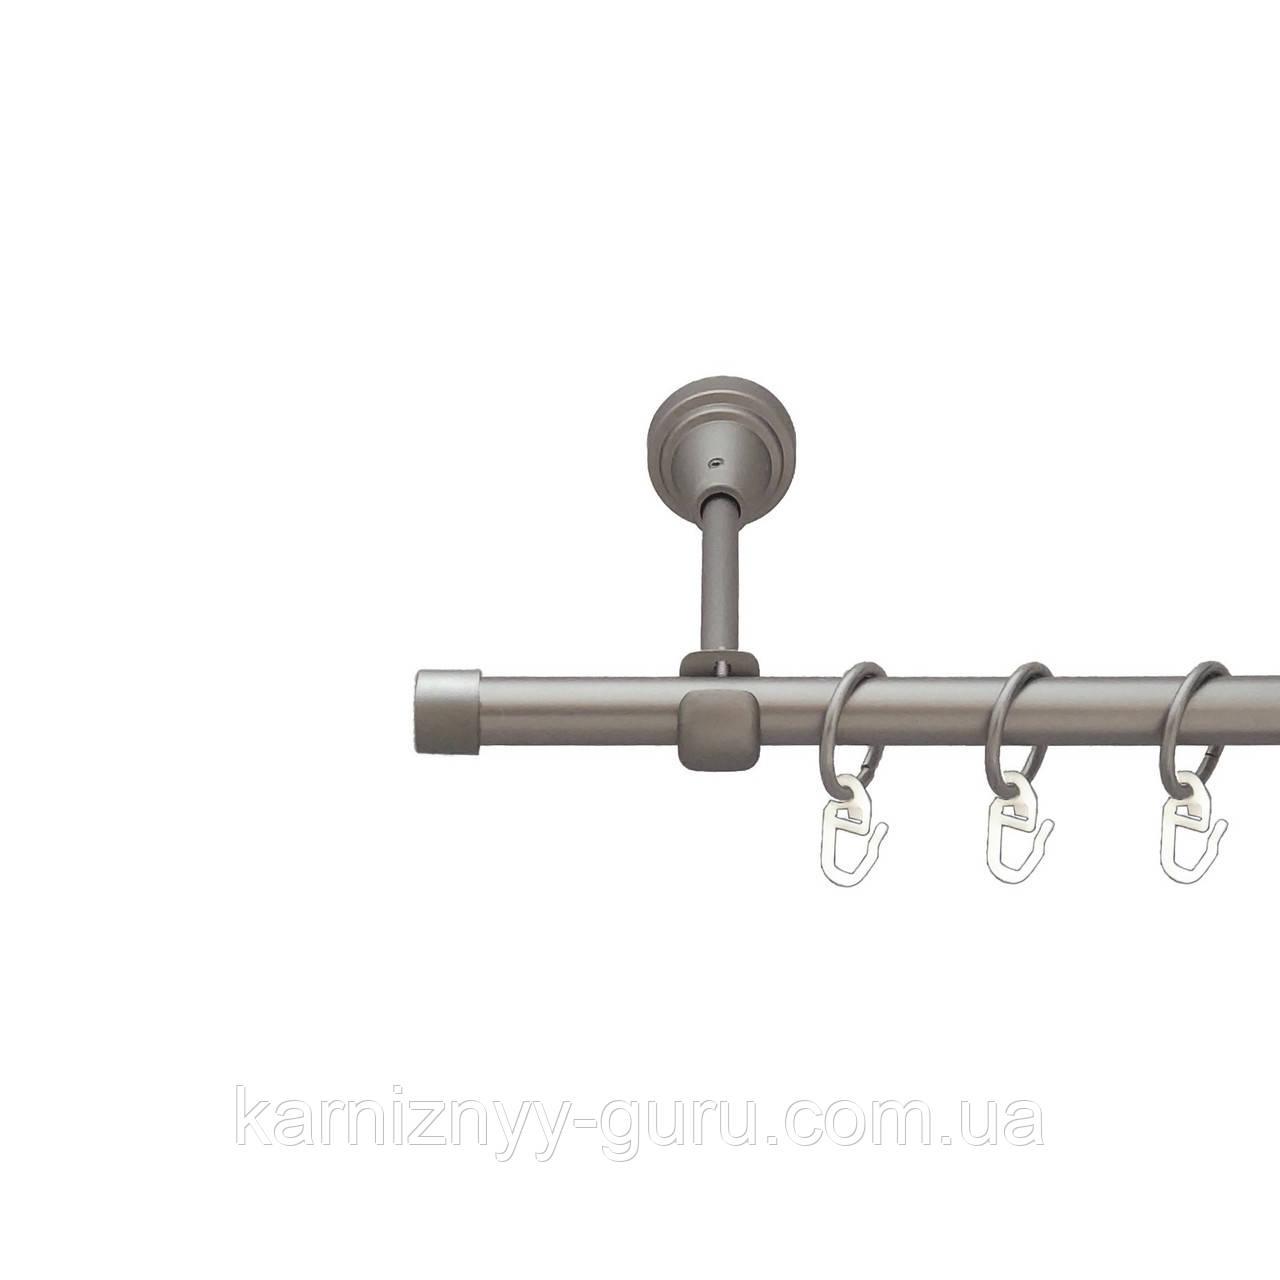 Карниз для штор ø 19 мм, одинарный, наконечник Заглушка